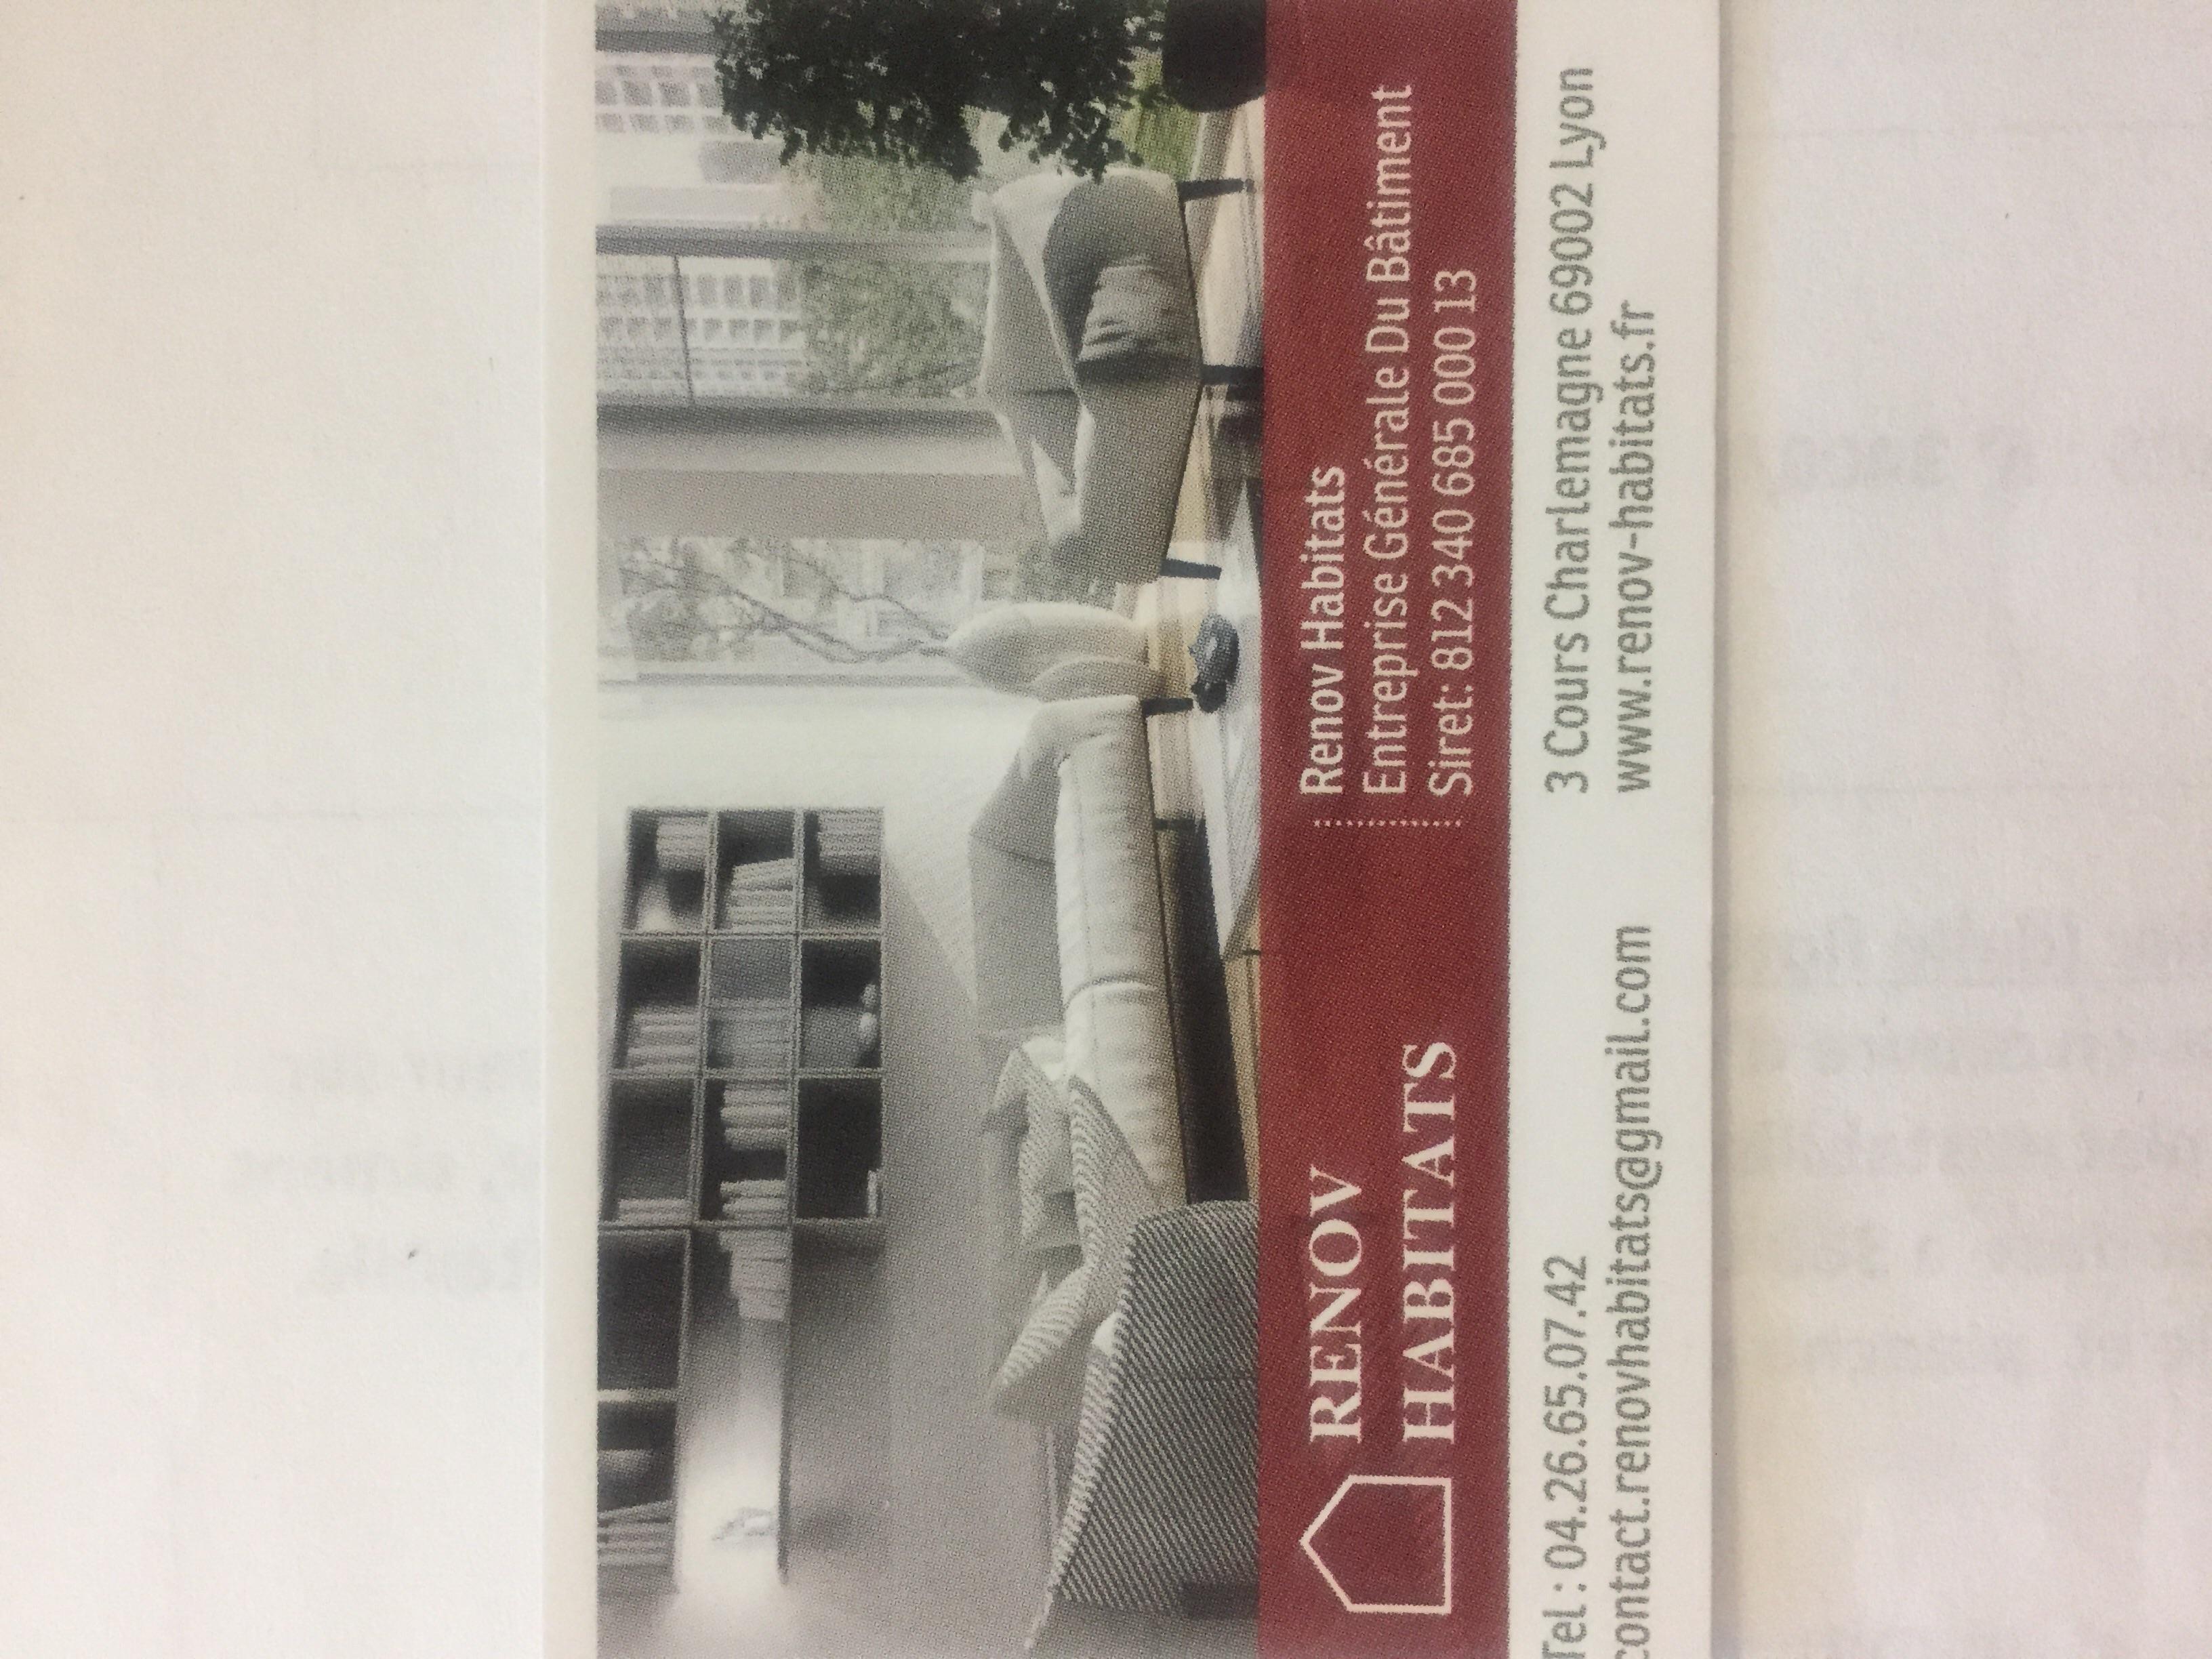 appel d 39 offre particulier entreprises et annonces sur le secteur du 69. Black Bedroom Furniture Sets. Home Design Ideas